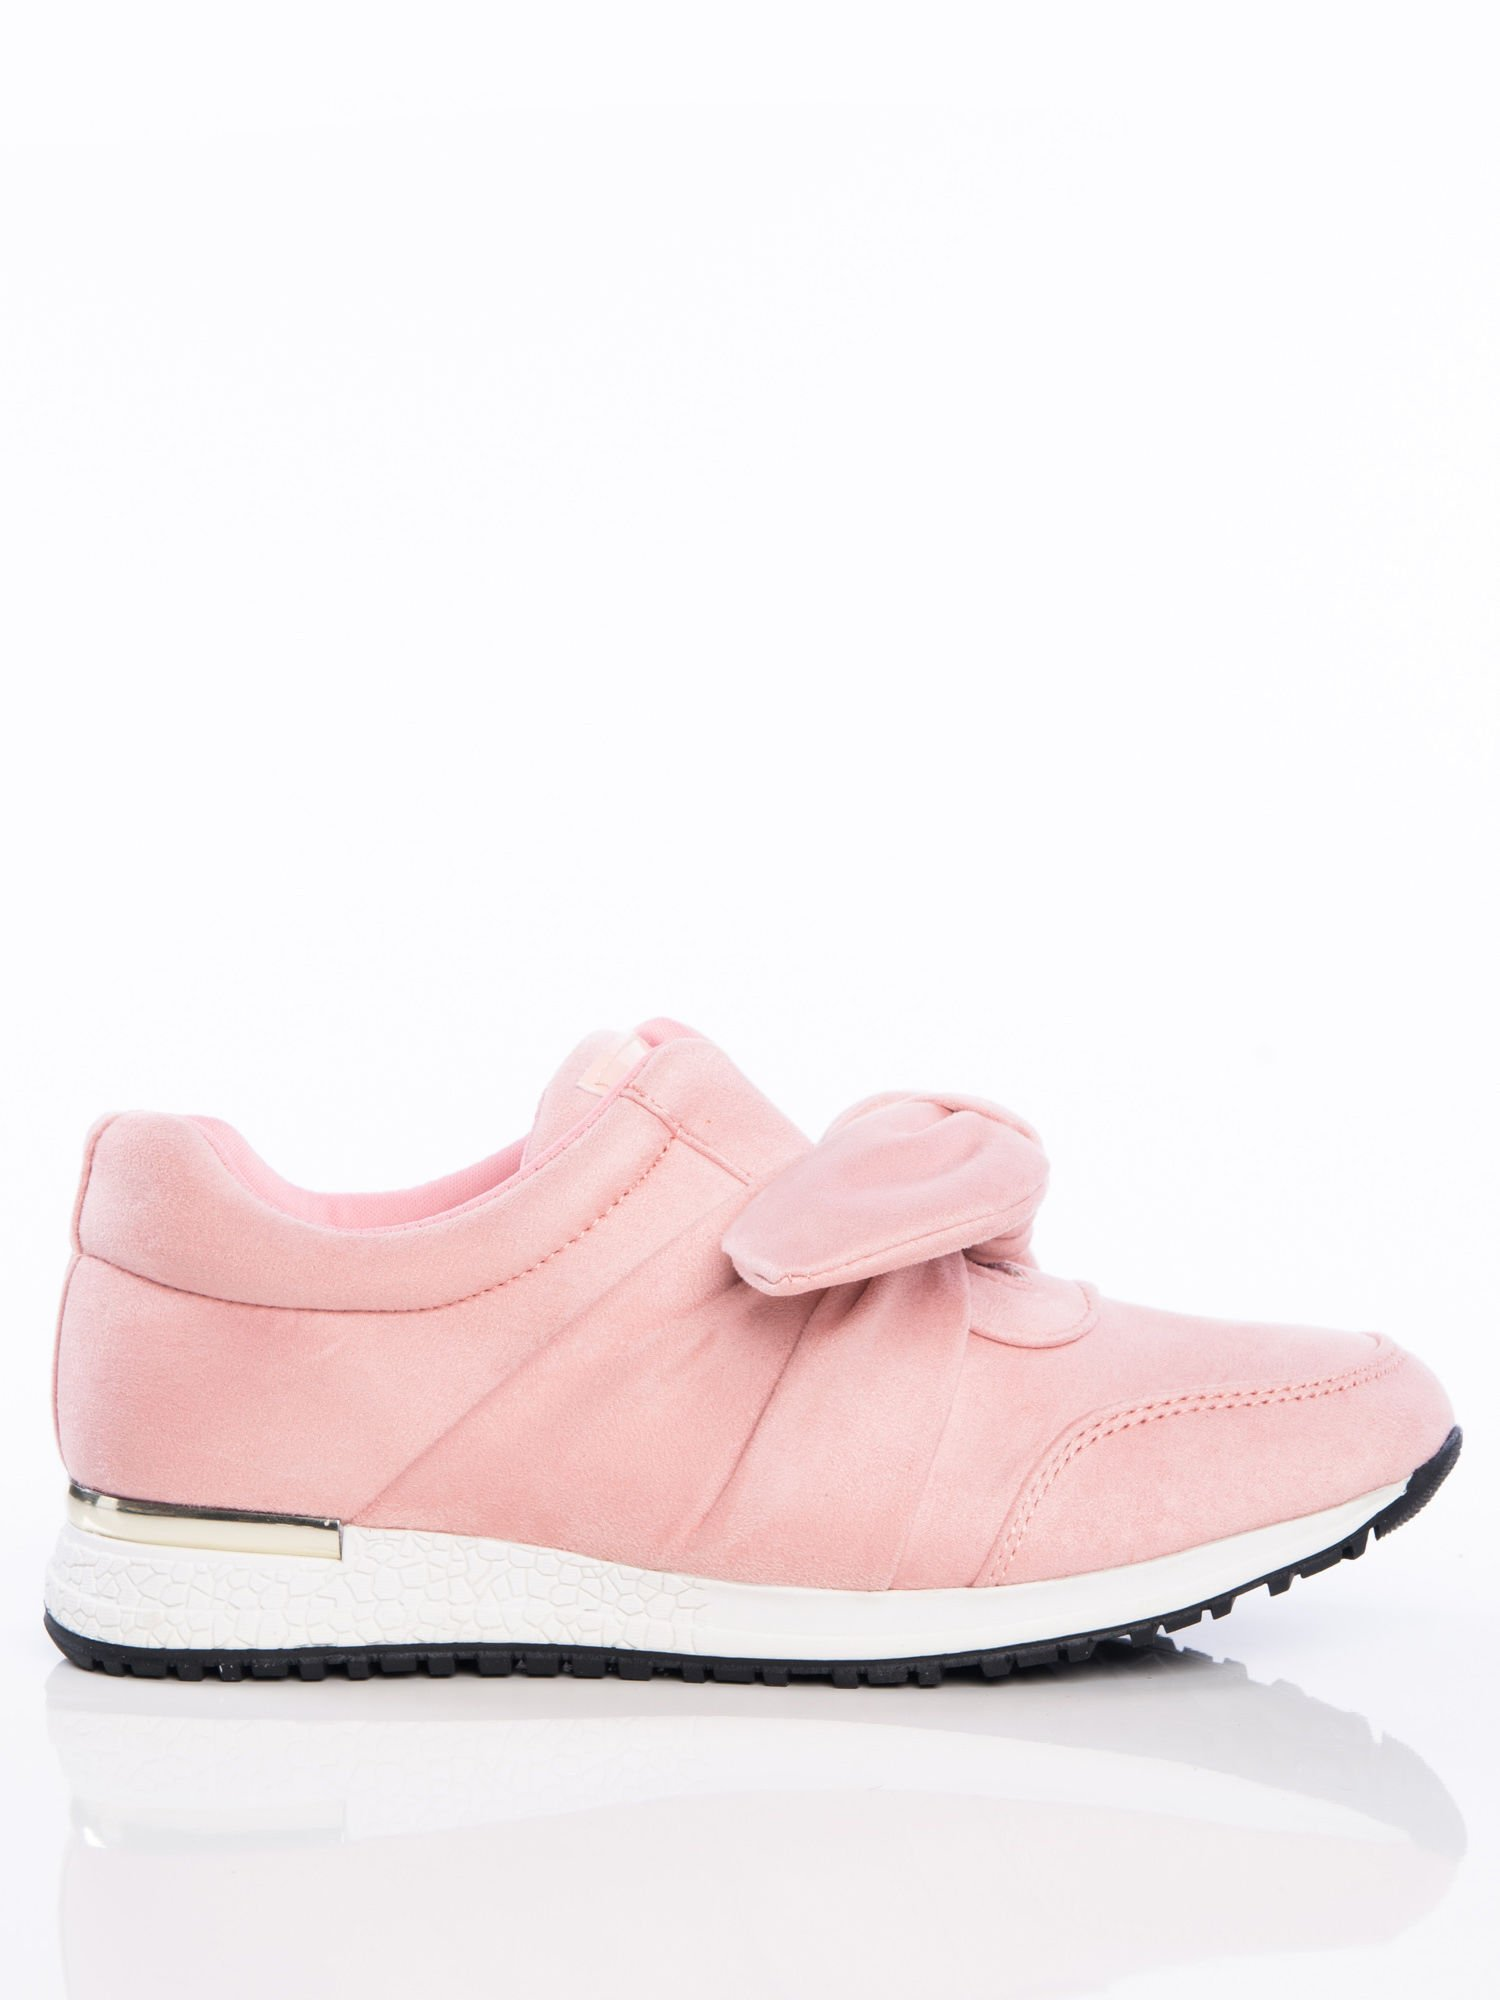 7eb498317fddad Różowe buty sportowe z ozdobną kokardką na sprężystej podeszwie ze złotą  wstawką na pięcie ...